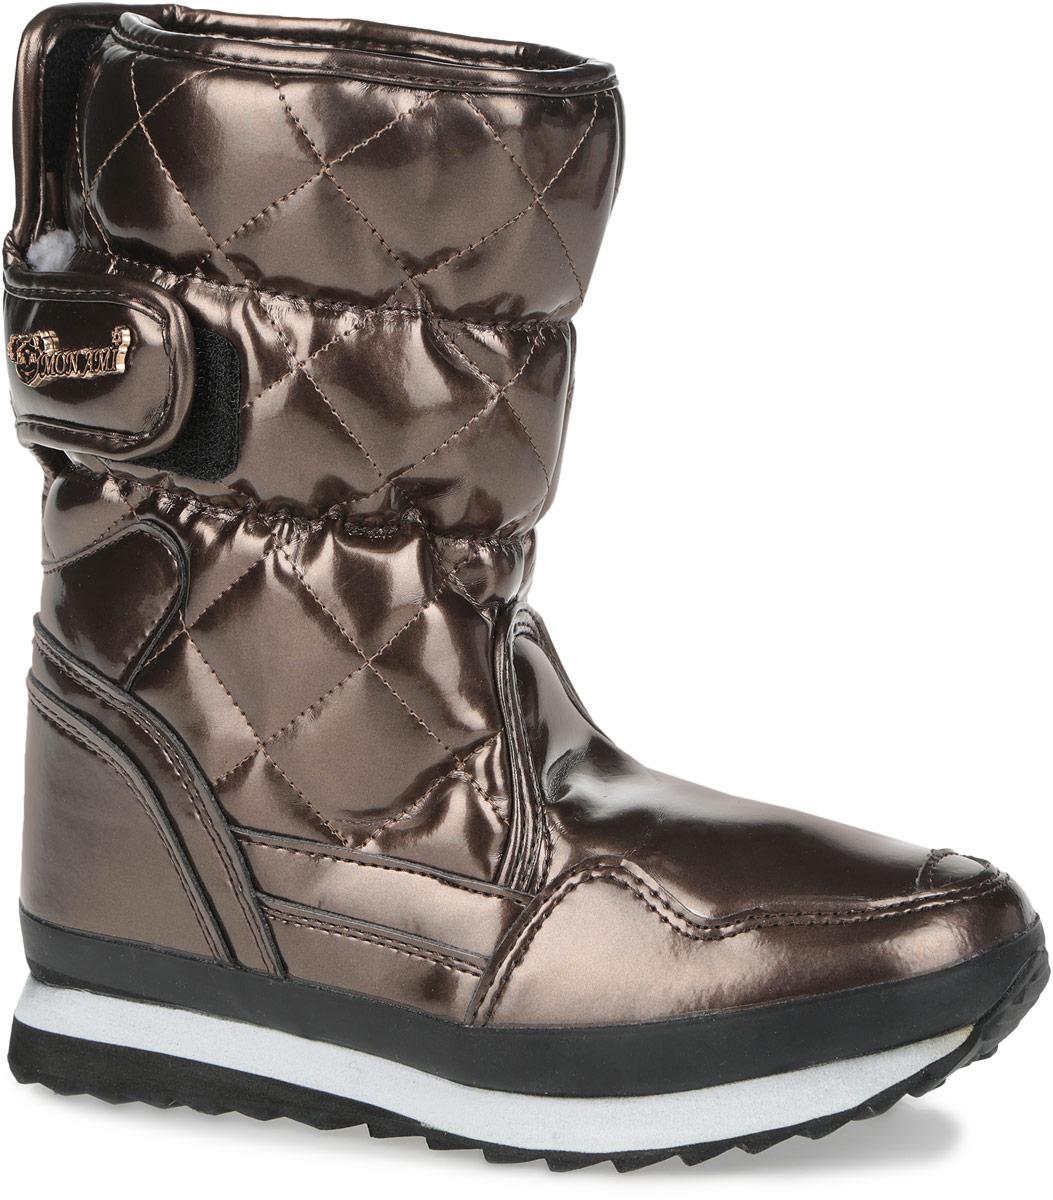 RC825-2-33/FUSHIAПрактичные и удобные дутики от Mon Ami - отличный вариант на каждый день. Модель выполнена из искусственной лаковой кожи и декорирована в области голенища стеганой прострочкой. По ранту обувь дополнена вставкой из полимерного материала. Верх изделия оформлен двумя удобными застежками-липучками, которые надежно фиксируют модель на ноге и регулируют объем. Подкладка и анатомическая стелька, изготовленные из искусственного меха, согреют ноги в мороз и обеспечат уют. Сбоку дутики украшены декоративным металлическим элементом в виде логотипа бренда. Подошва из полимерного термопластичного материала - с противоскользящим рифлением. Удобные дутики придутся вам по душе.